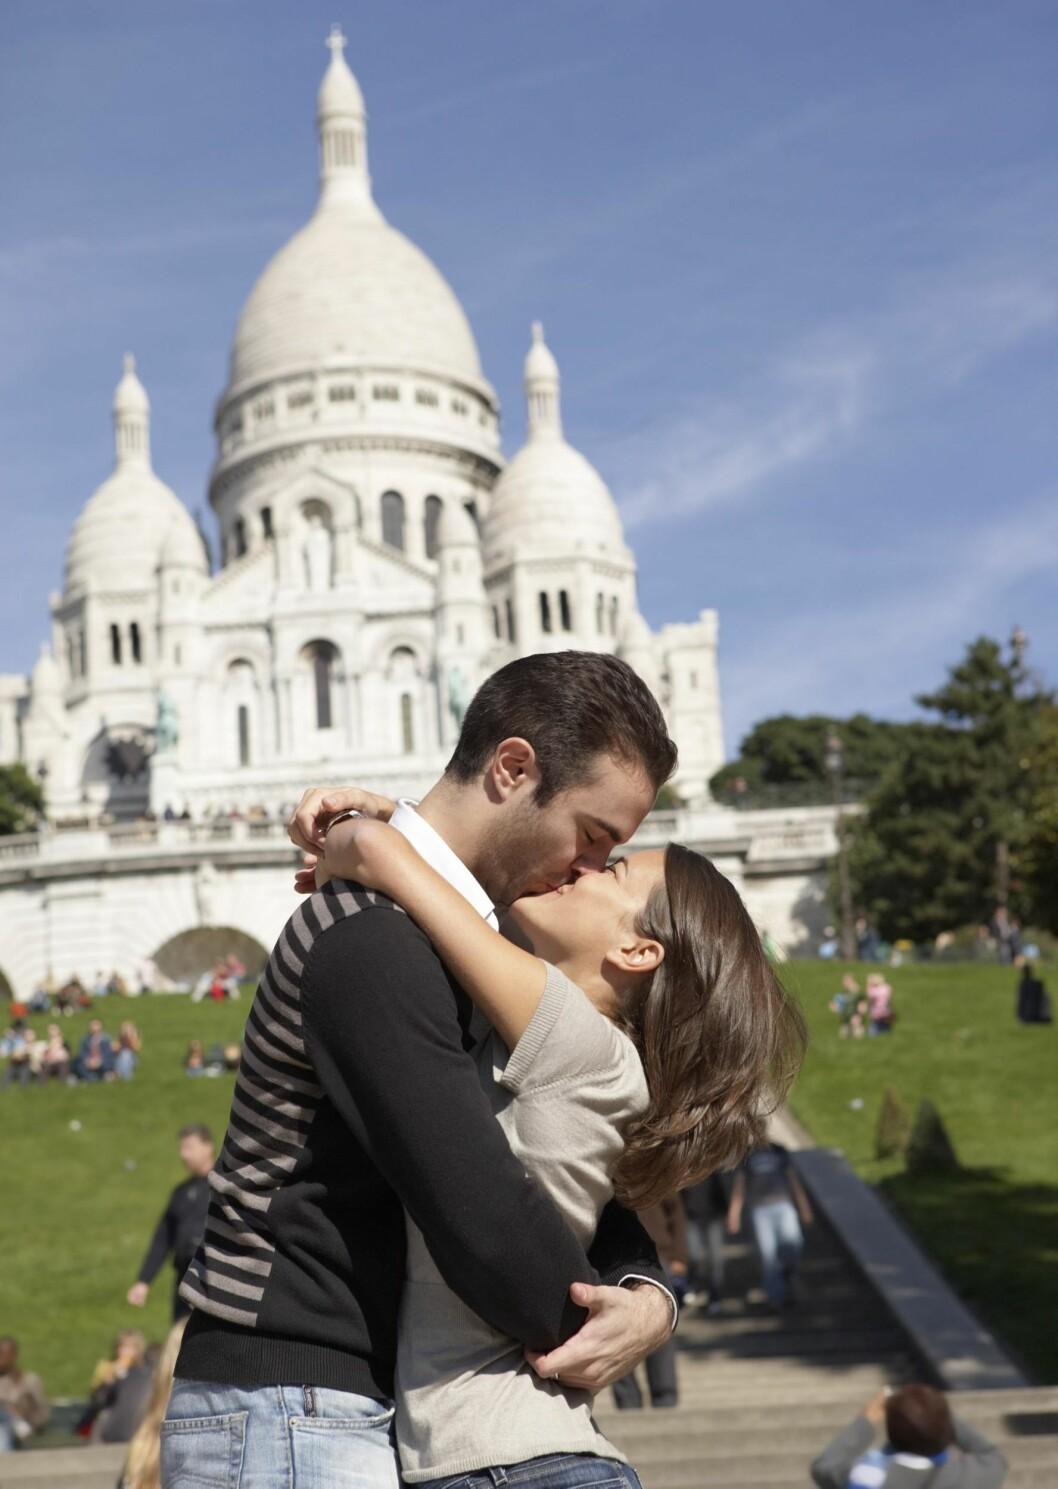 ROMANTISK PERLE: Ingen byer er mer romantisk enn Paris. I bakgrunnen Sacre Coeur. Foto: Kathleen Finlay / Radius Images